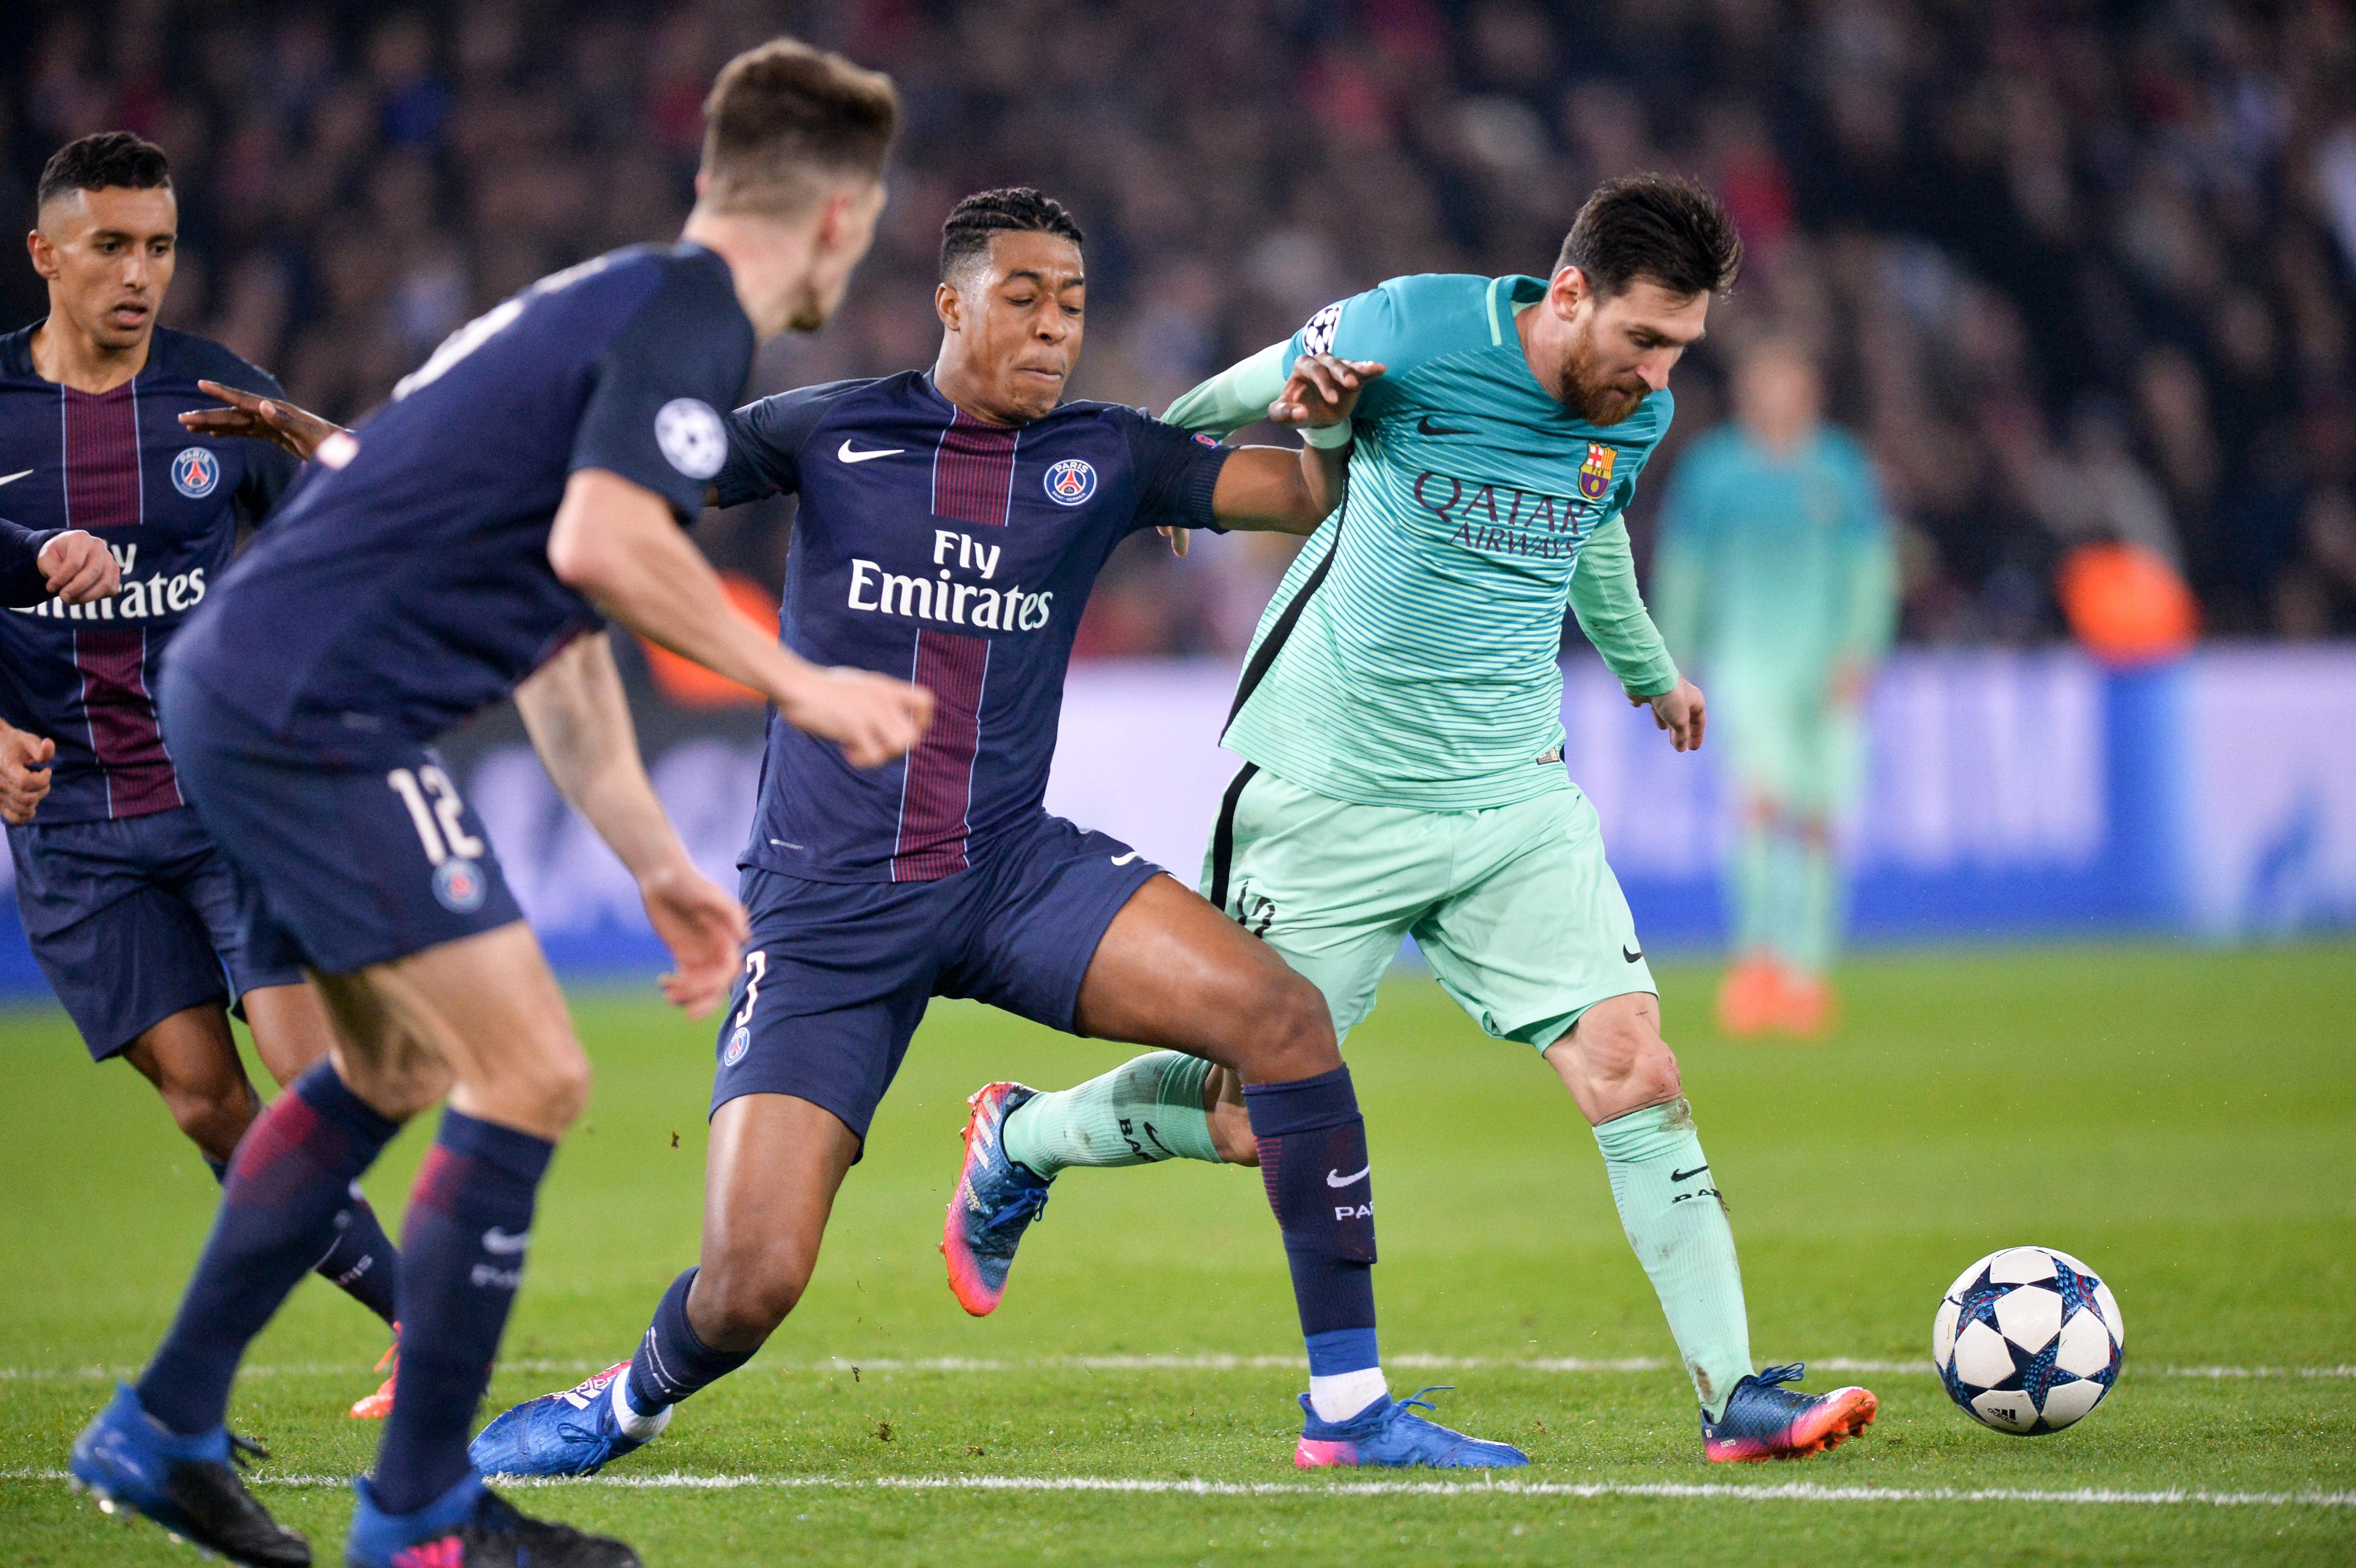 Psg Barcelone Coups De C Ur Coups De Griffe De Nos Envoy S Sp Ciaux Ligue Des Champions